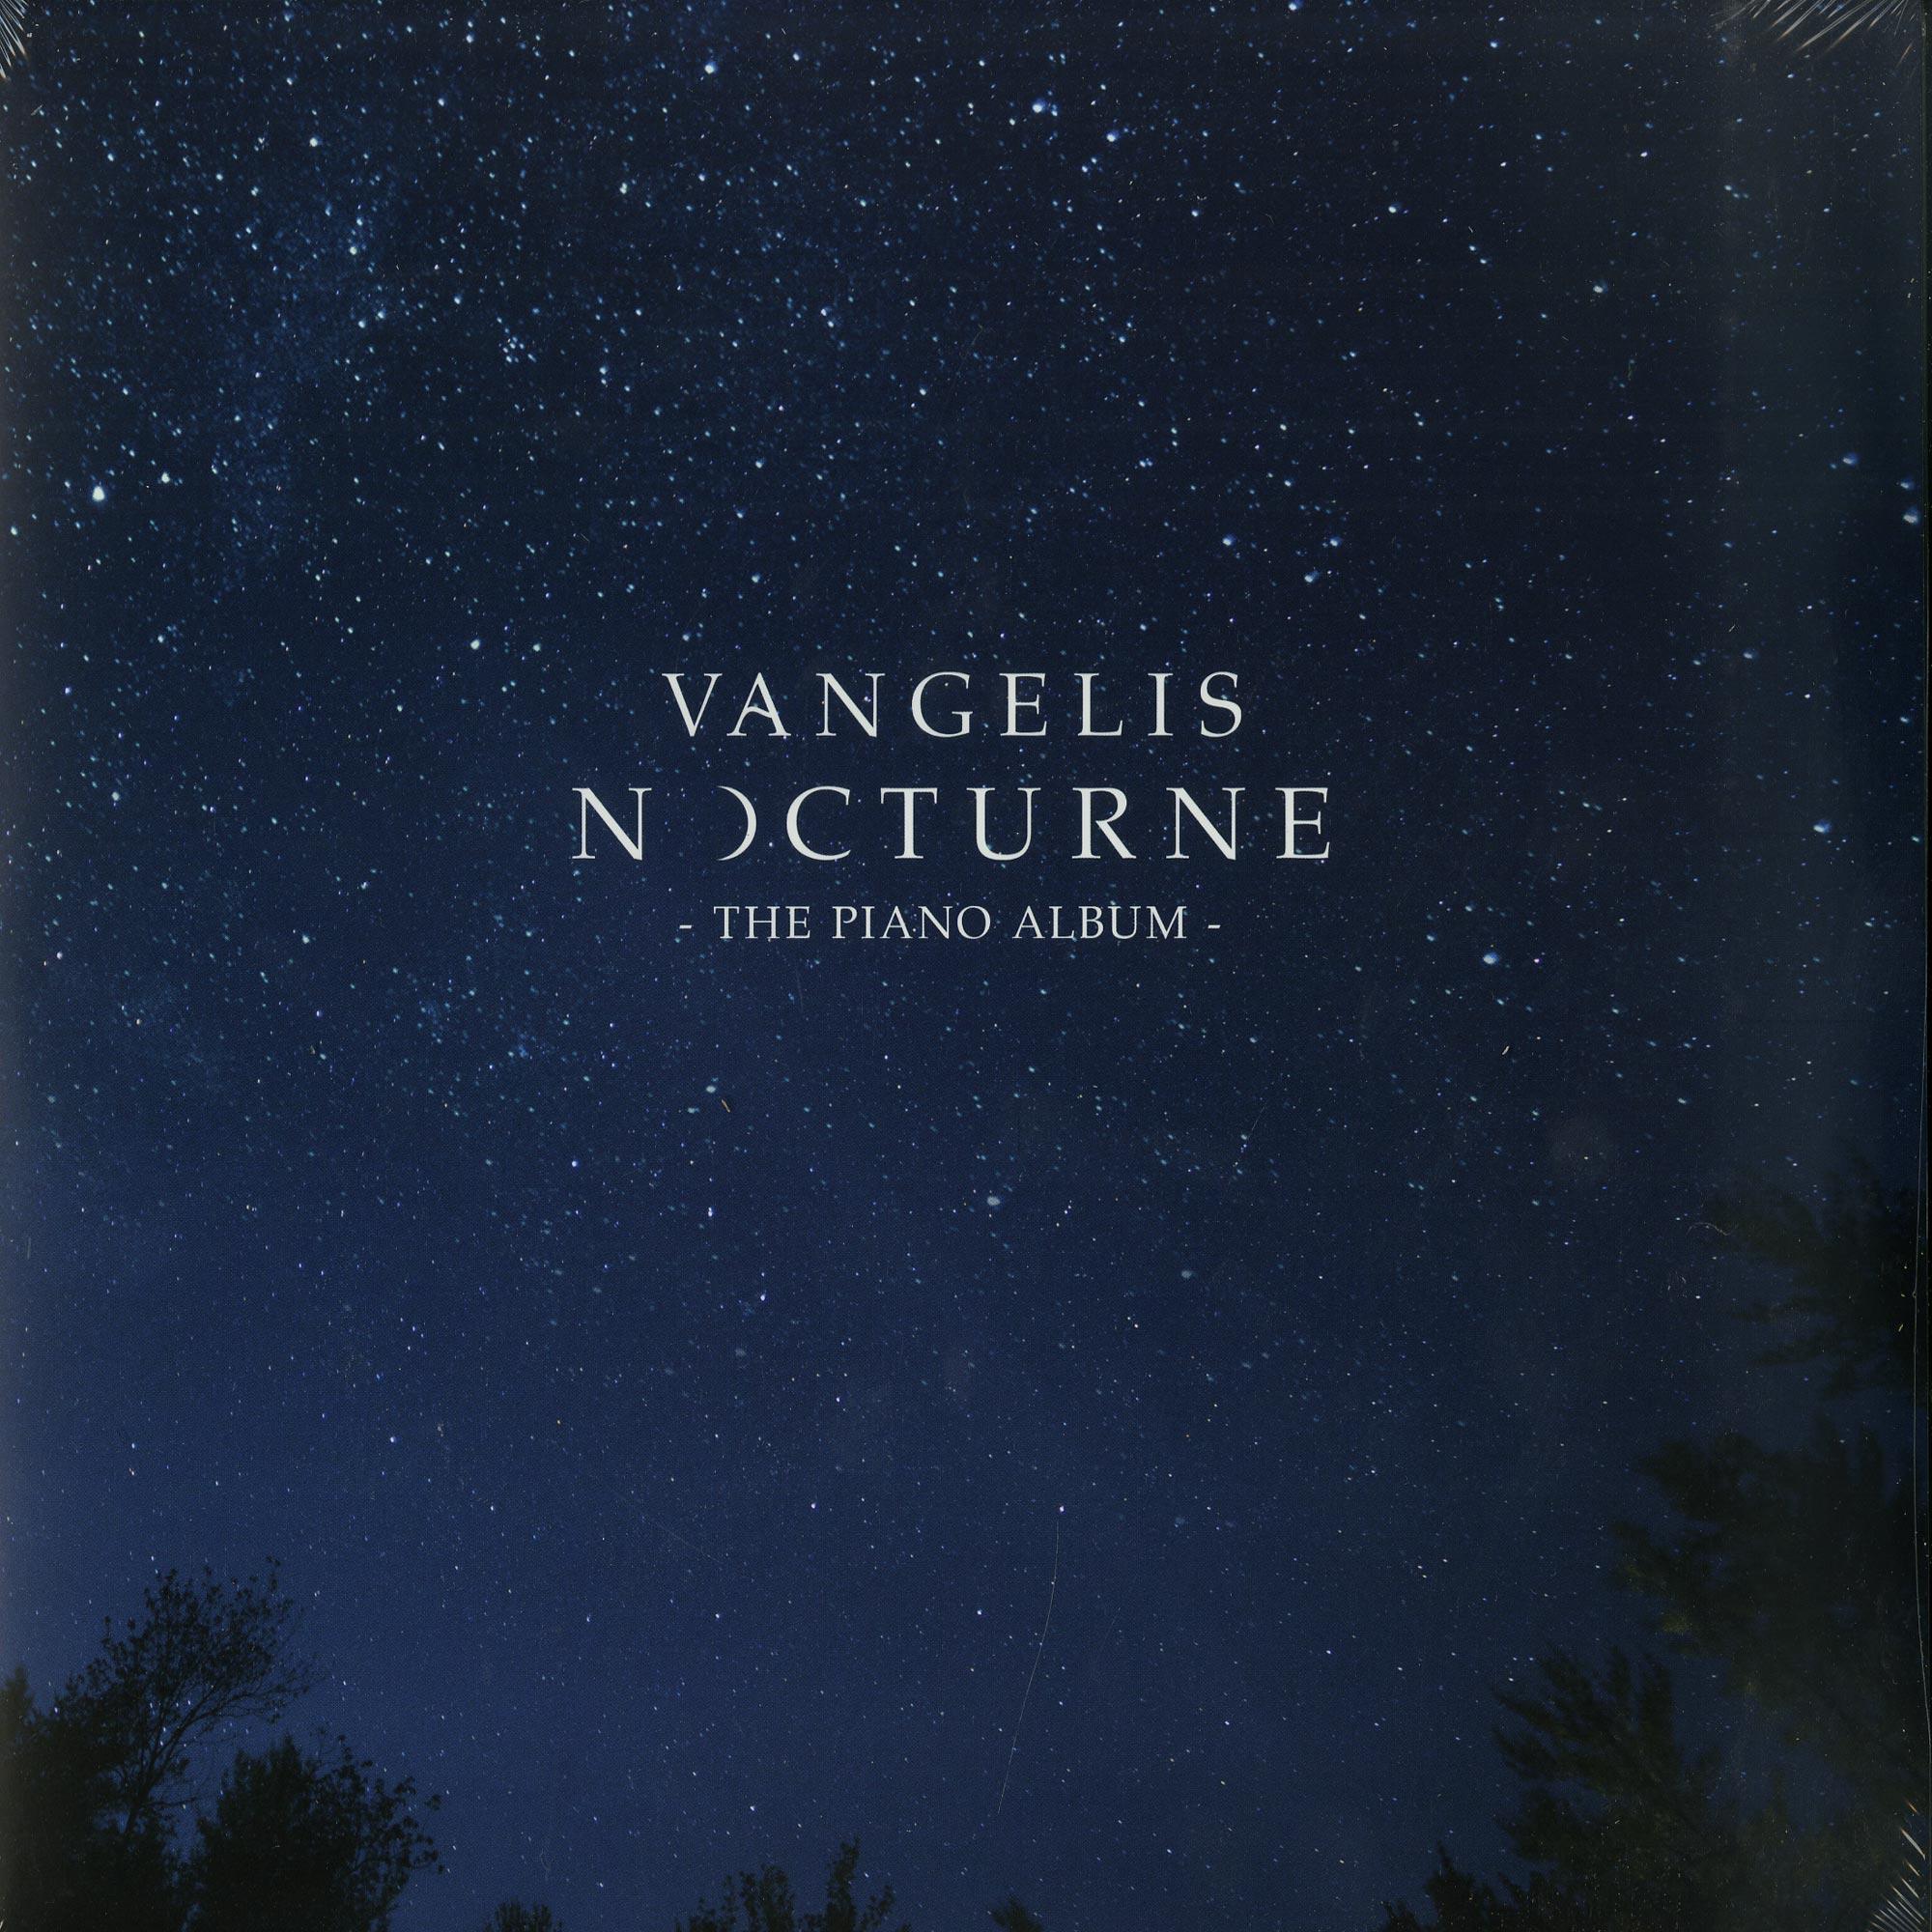 Vangelis - NOCTURNE - THE PIANO ALBUM